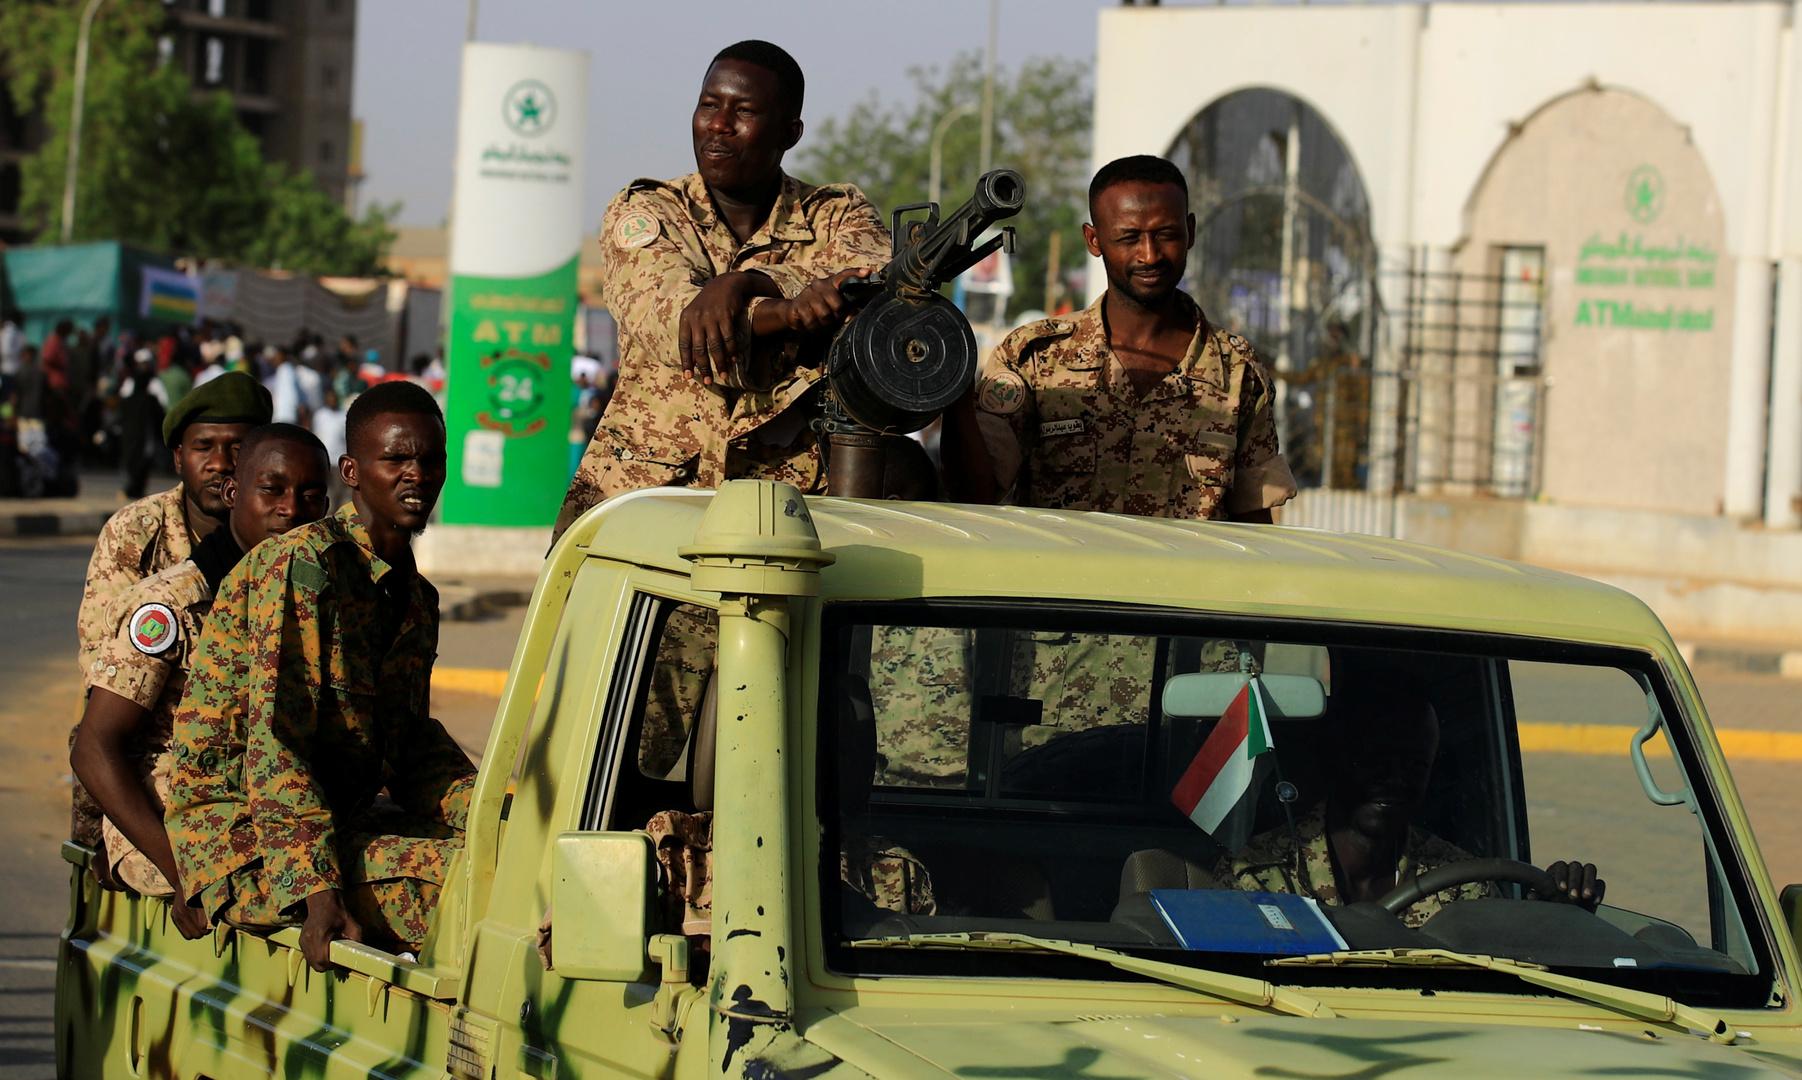 السودان.. قوى الحرية والتغيير ترفض تولي عسكريين حكم ولايات